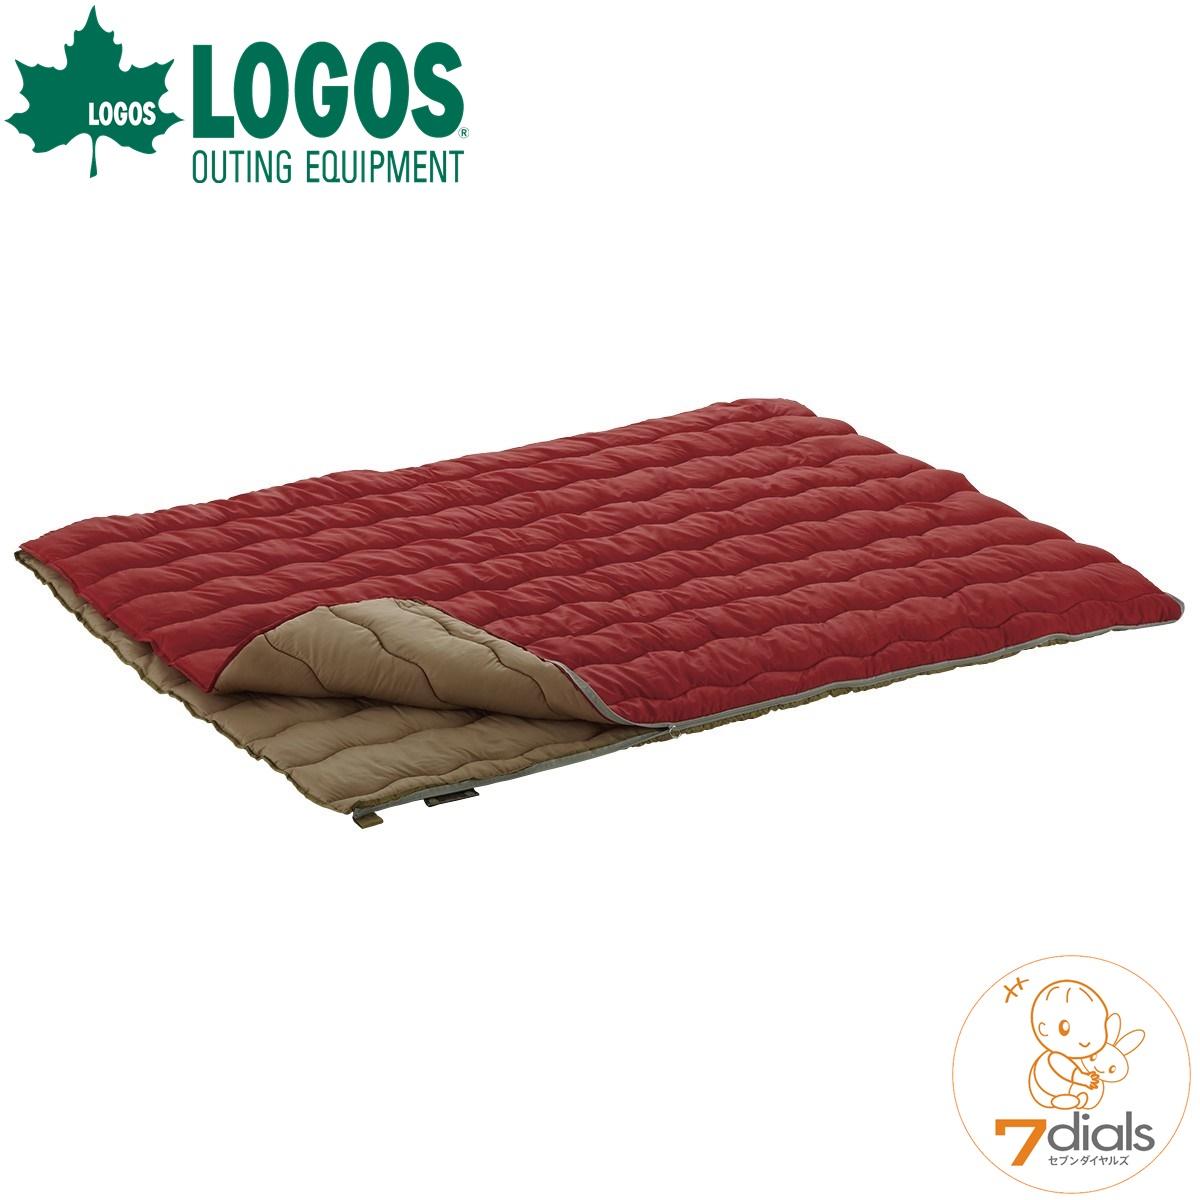 LOGOS/ロゴス 2in1・Wサイズ丸洗い寝袋・0 シュラフ 連結してお子さまとも添い寝ができる2個セット【あす楽】【送料無料】